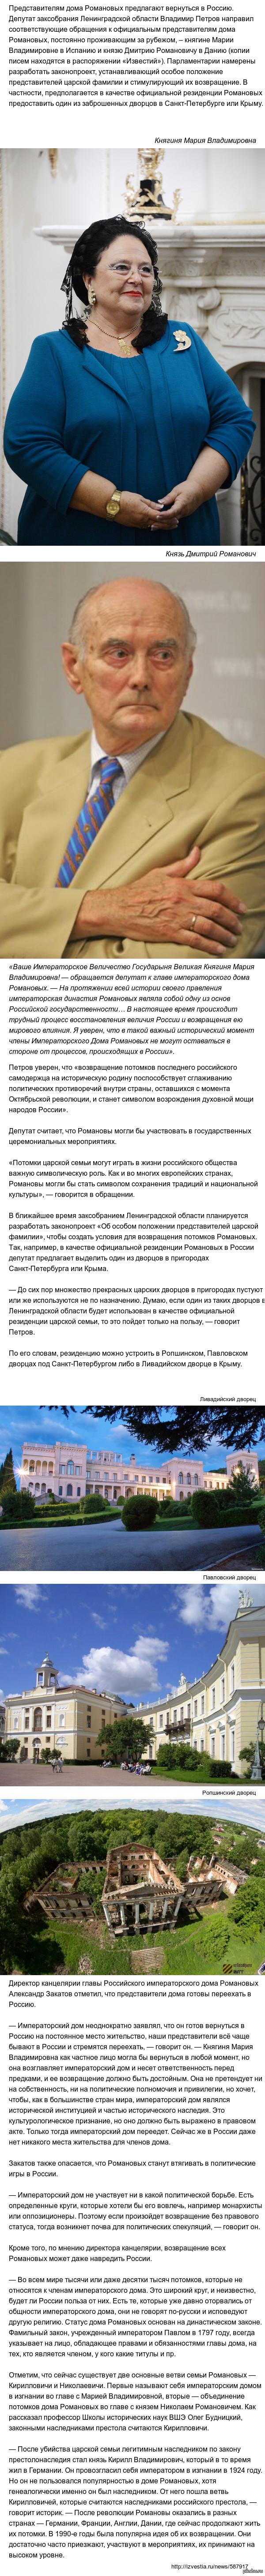 Дому Романовых предложили вернуться в Россию А что вы, пикабушники, думаете по этому поводу?